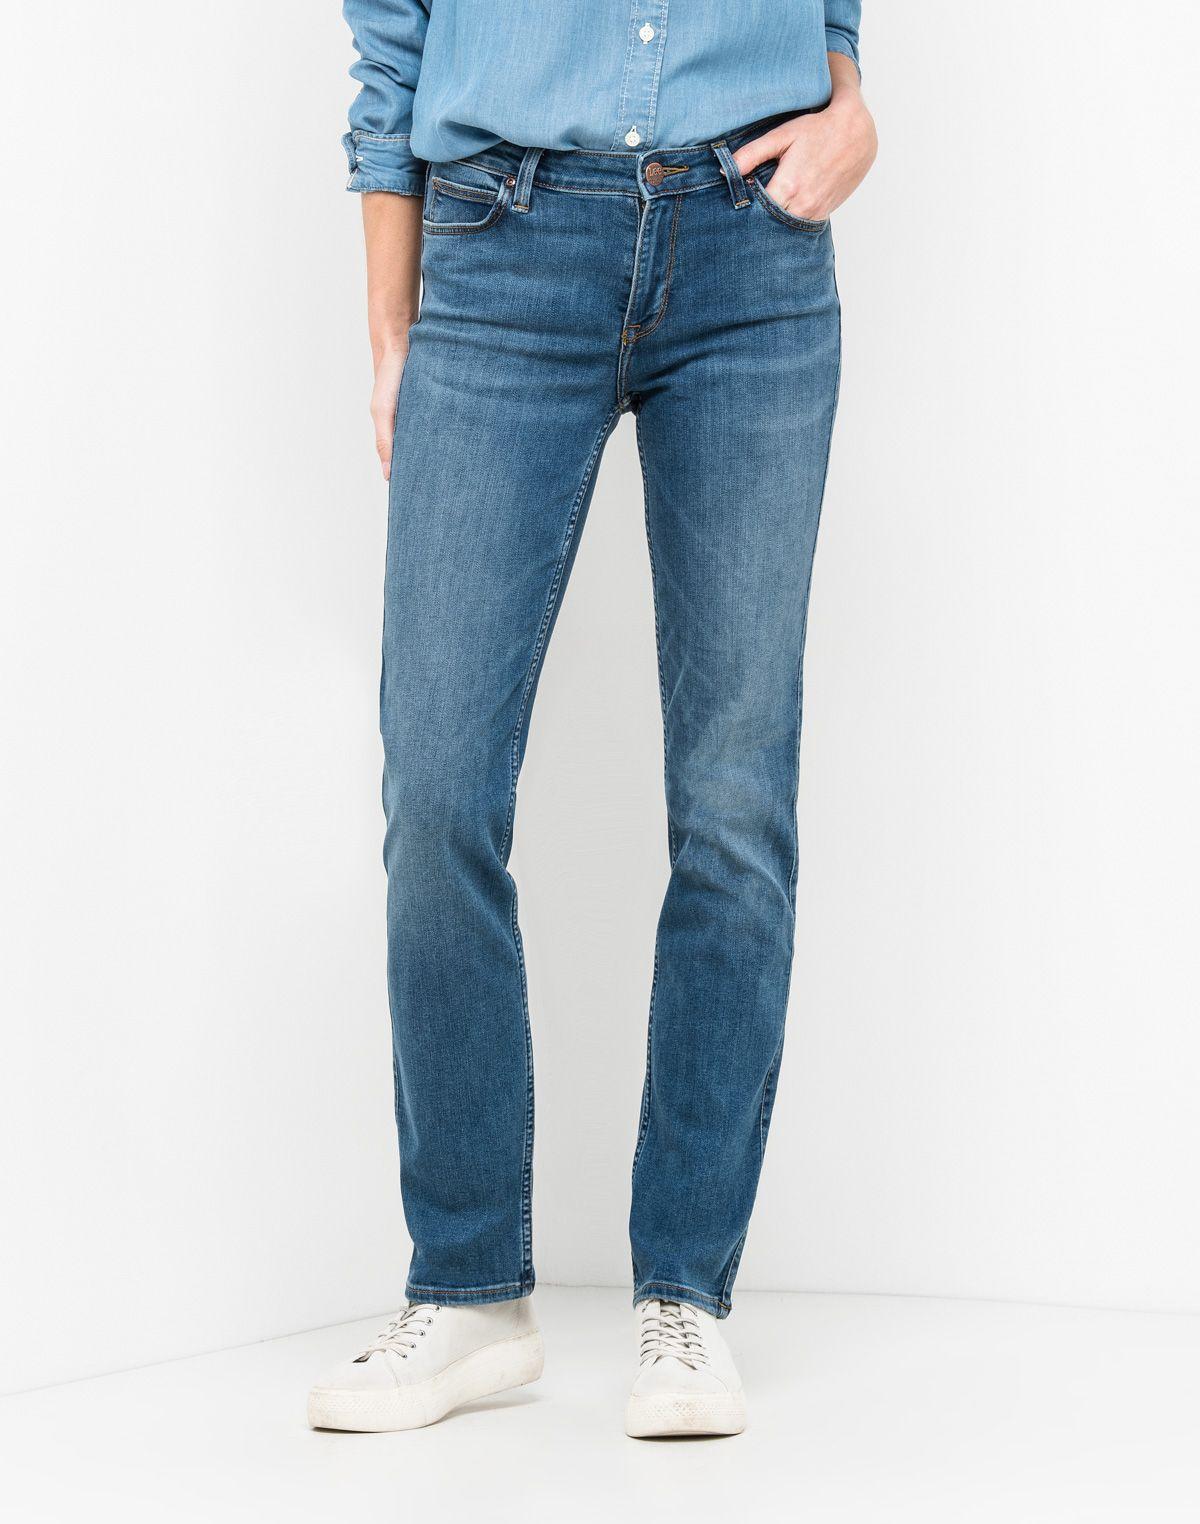 Dámské džíny Straight 43f6ae8041